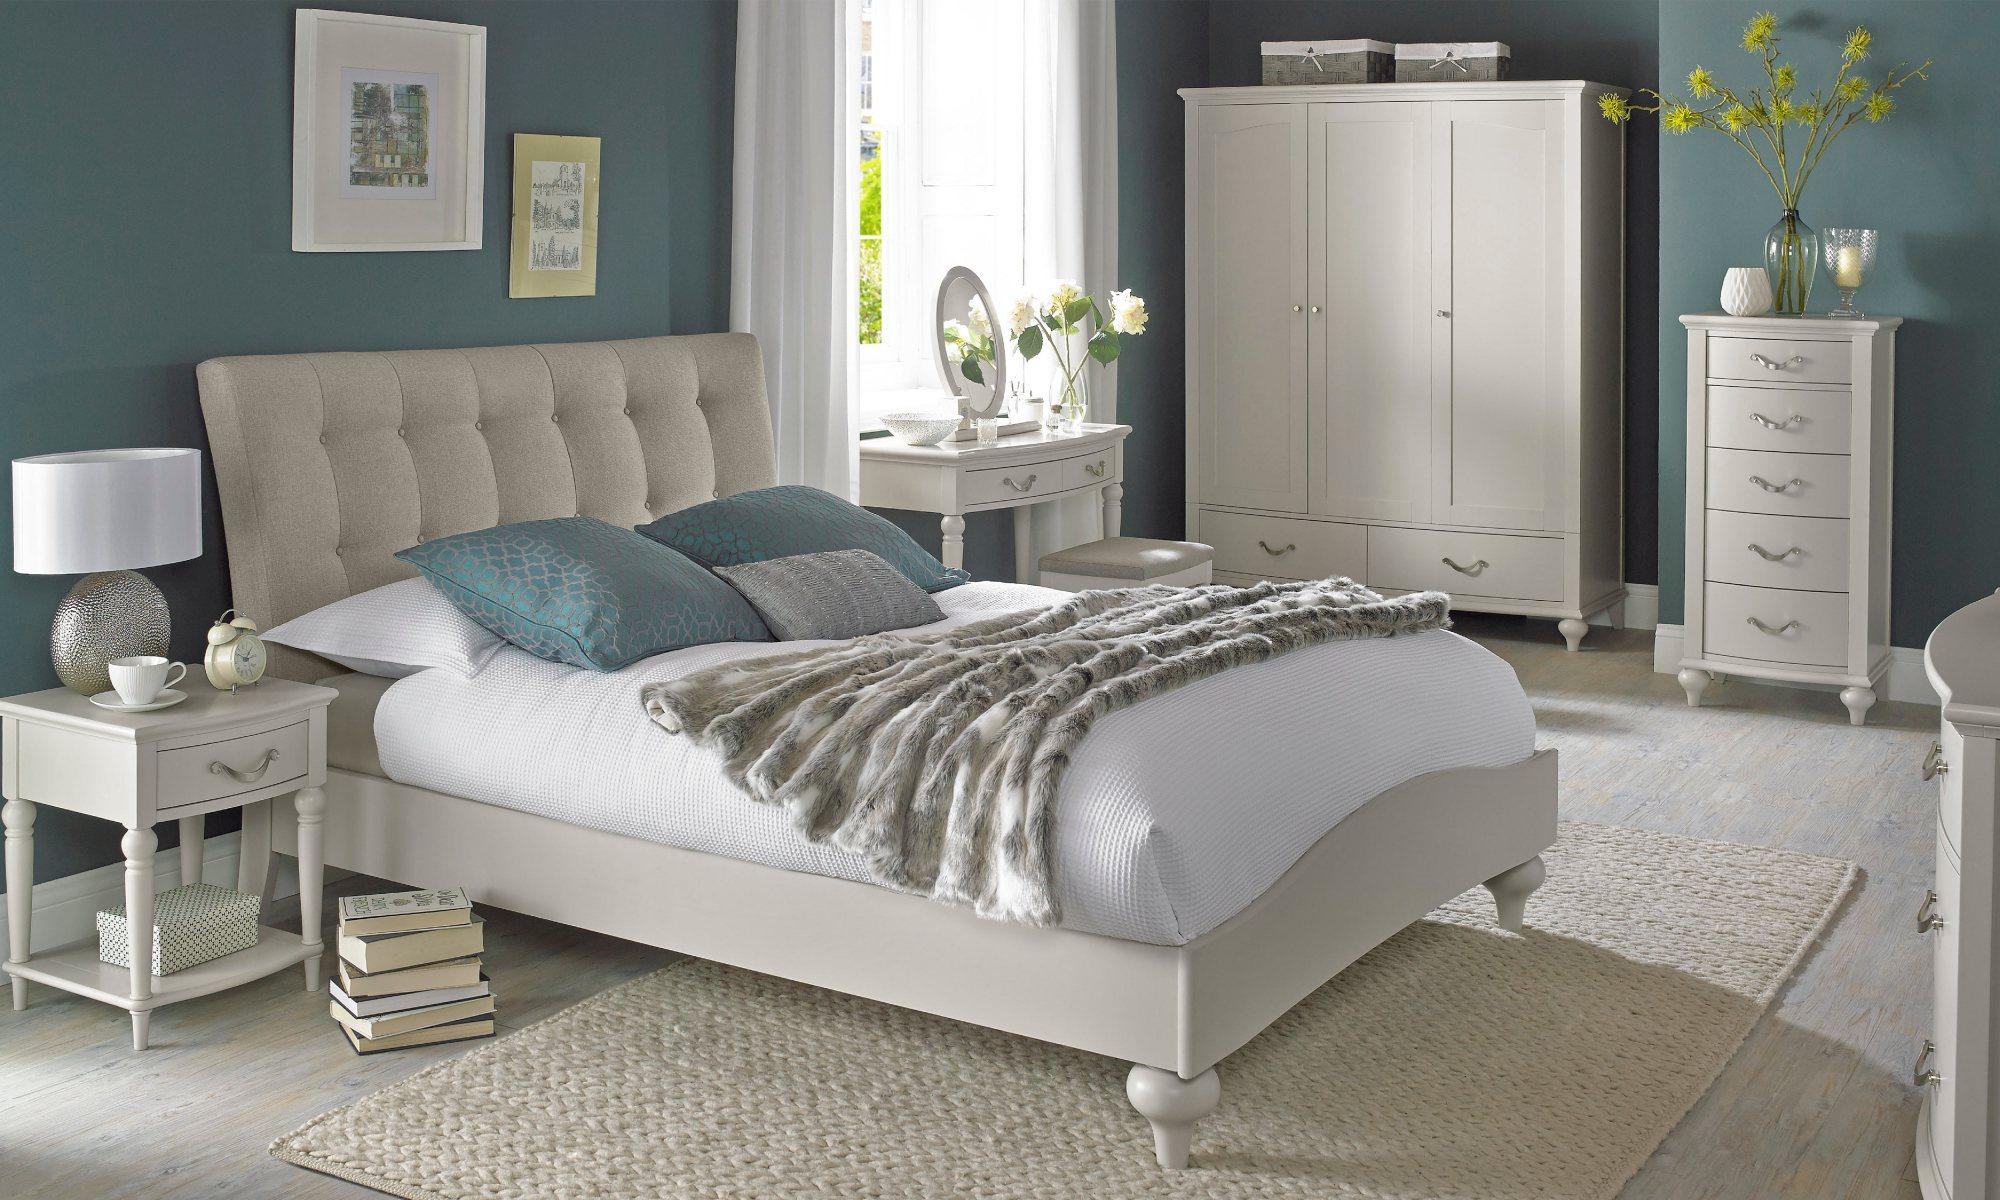 MONICA GREY BEDROOM